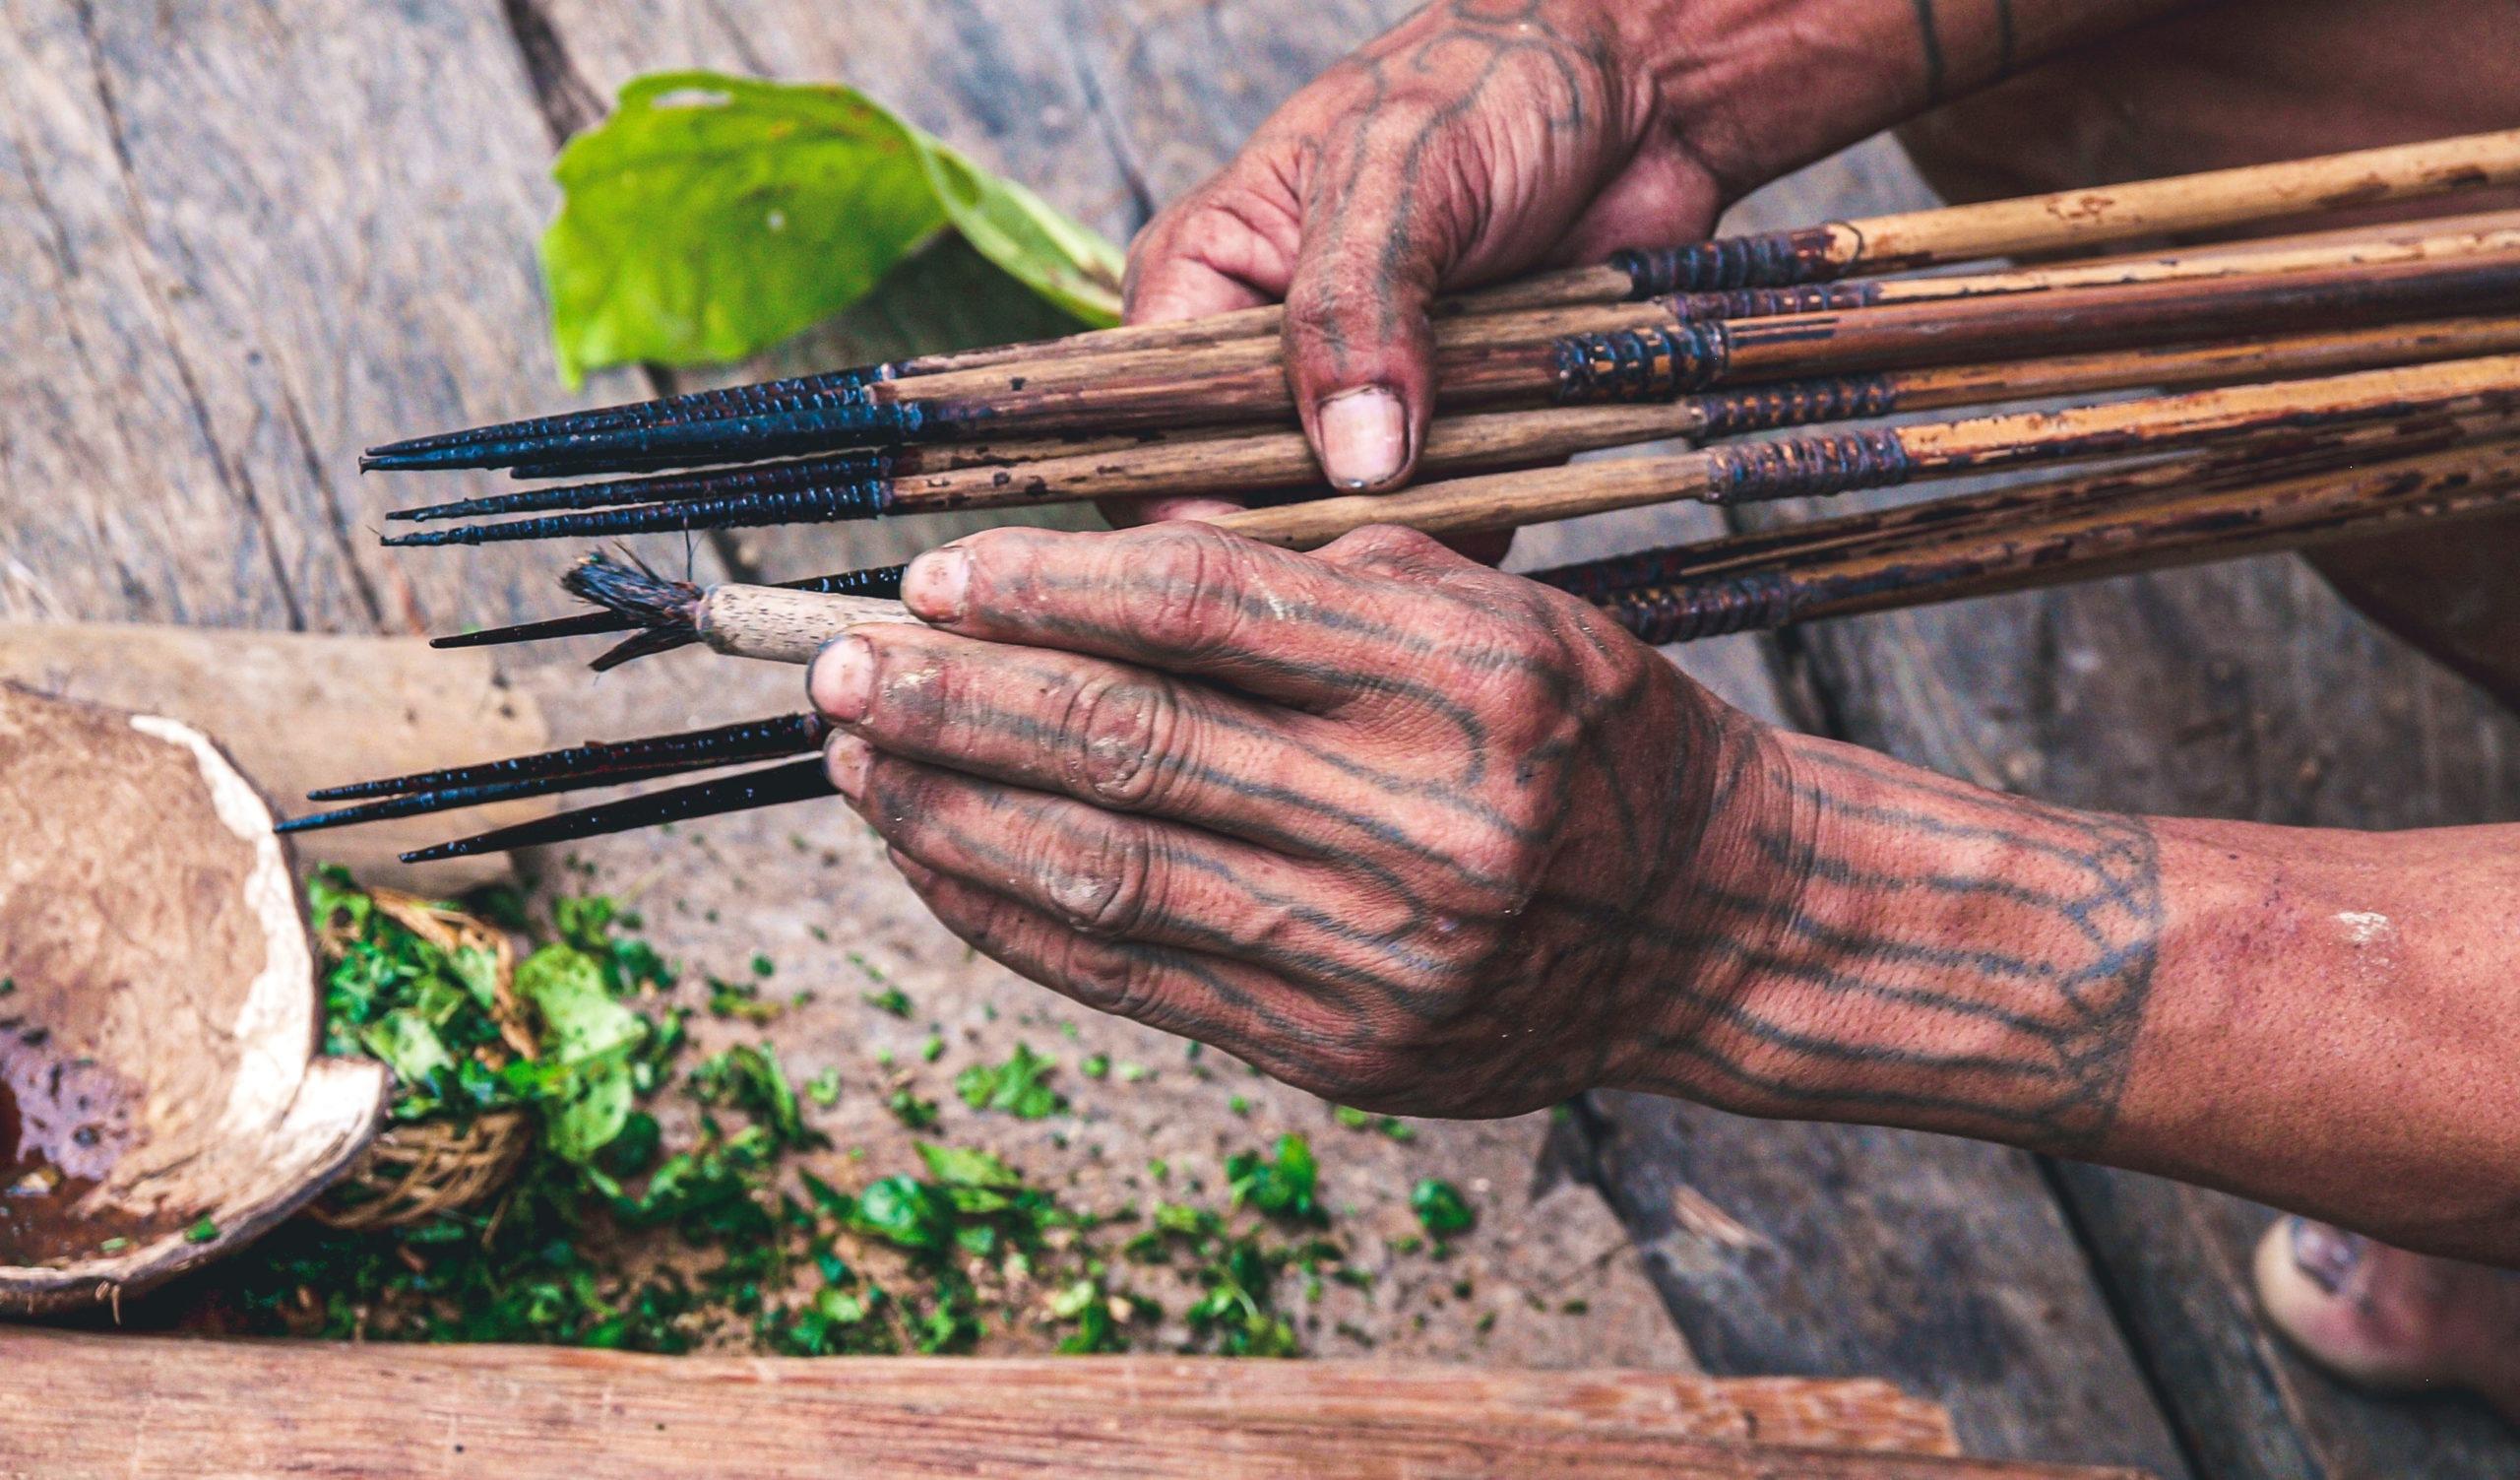 Mentawai bereitet Giftpfeile zu